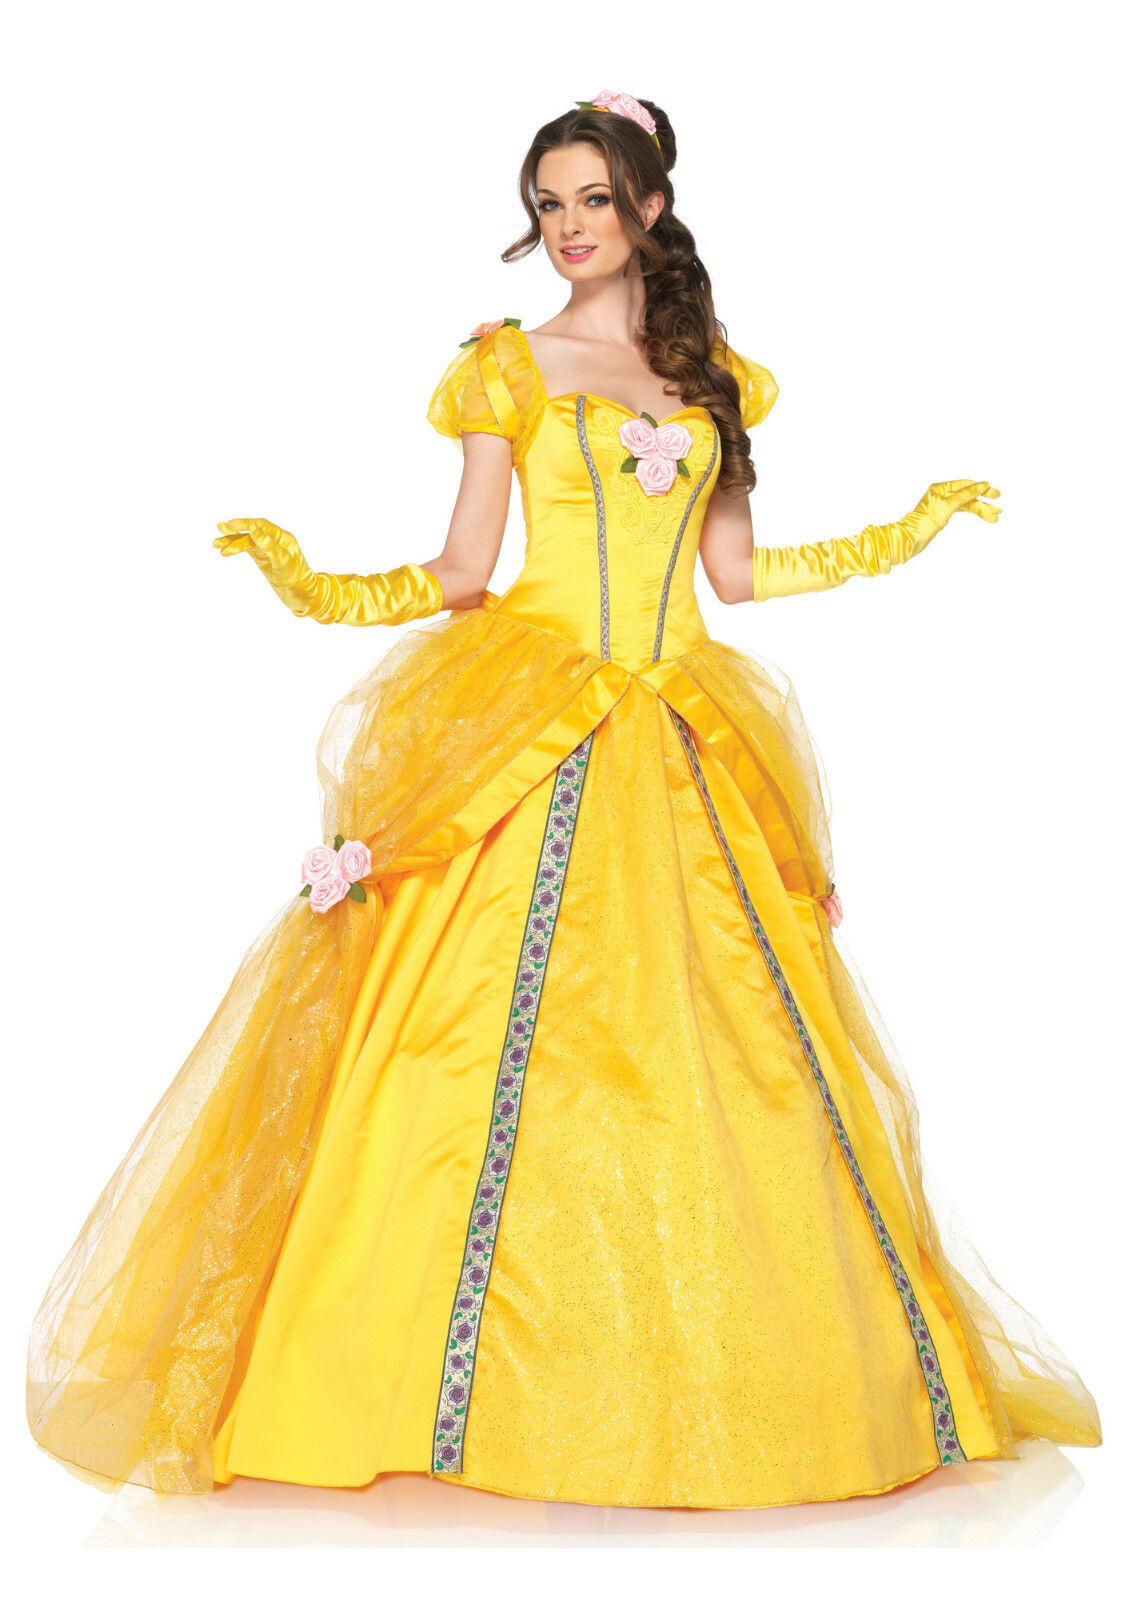 代购cosplay服装 美女与野兽 贝儿公主演出服 舞台连衣裙女士